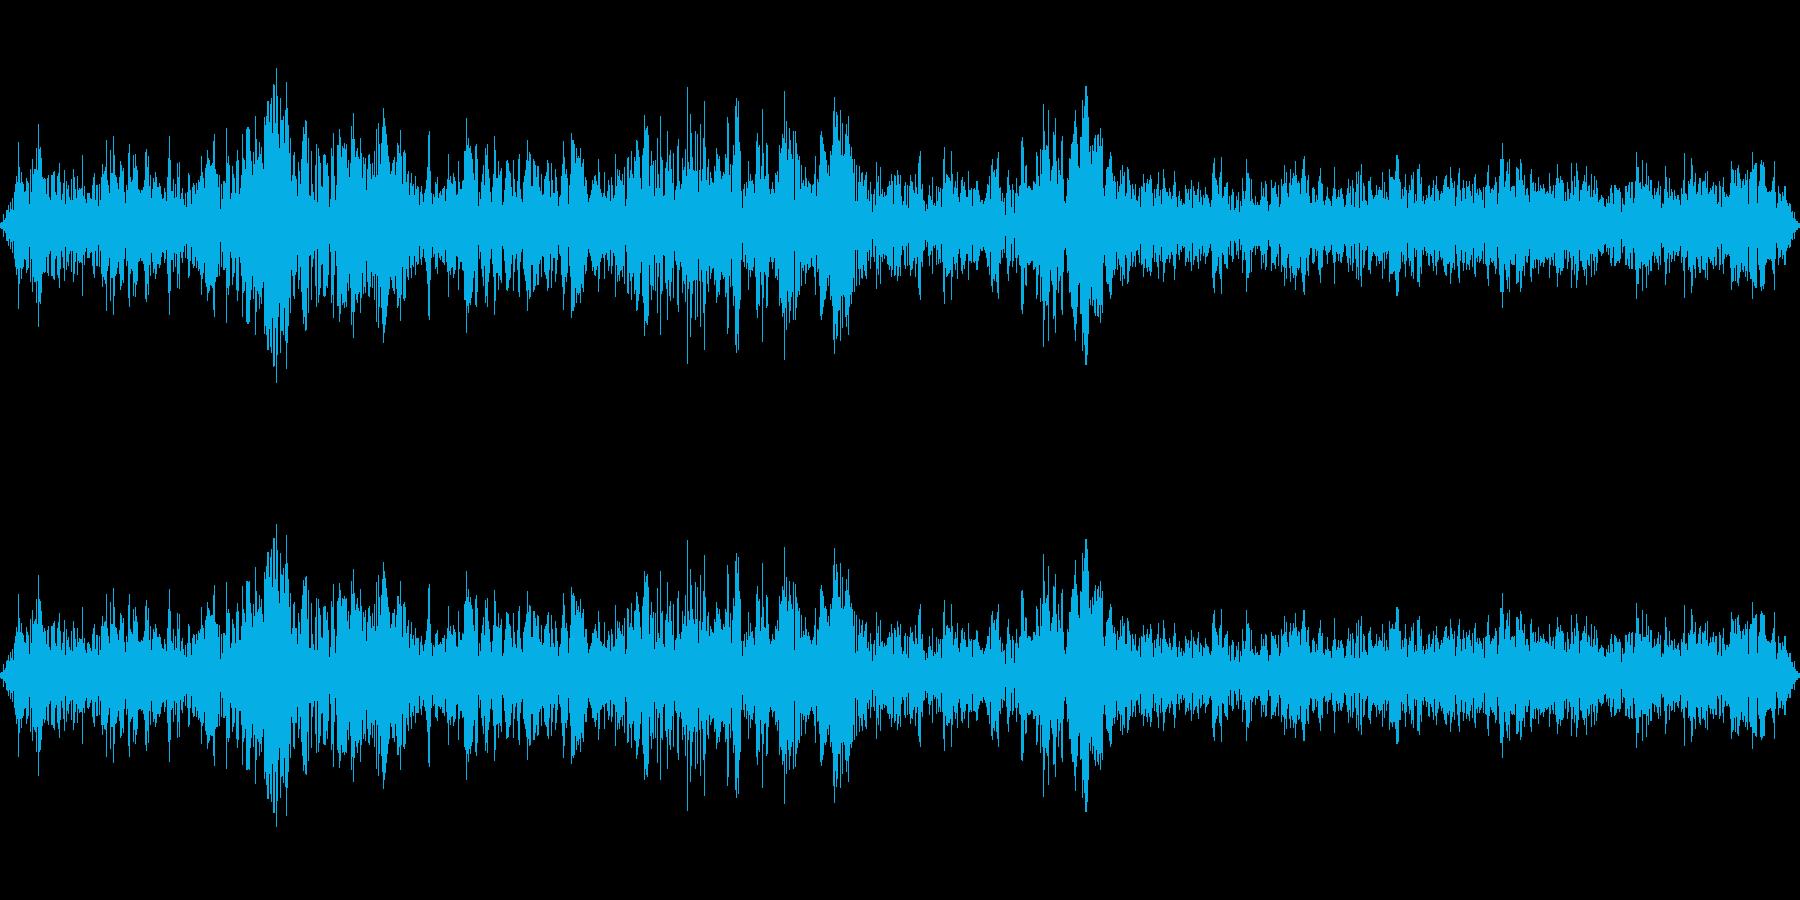 新幹線走行中の再生済みの波形